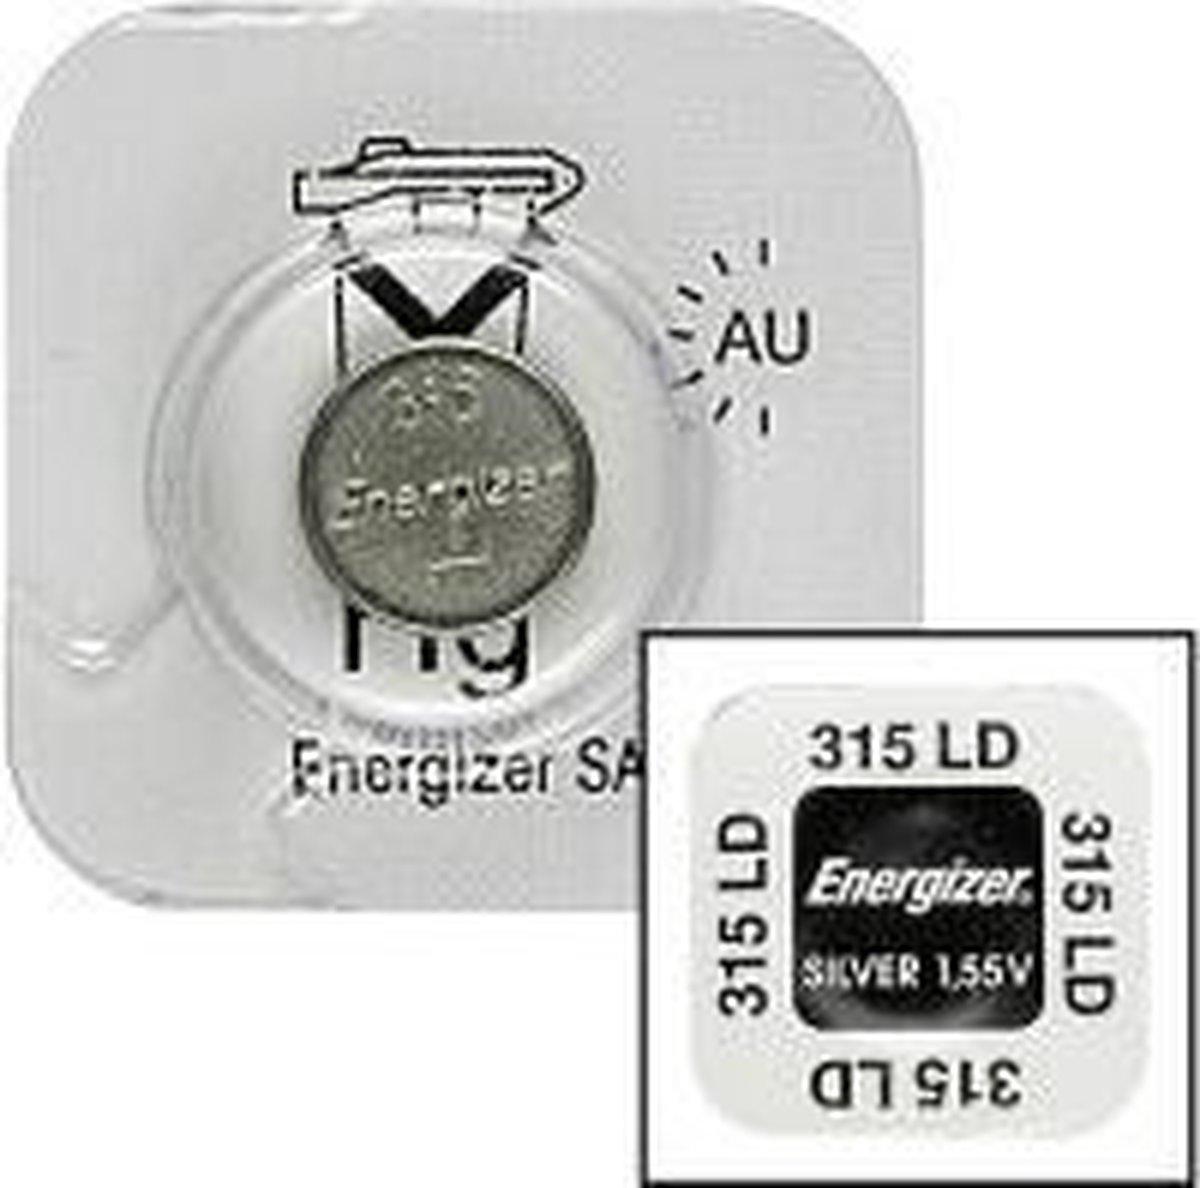 Energizer 315 Single-use battery Zilver-oxide (S) 1,55 V - Energizer